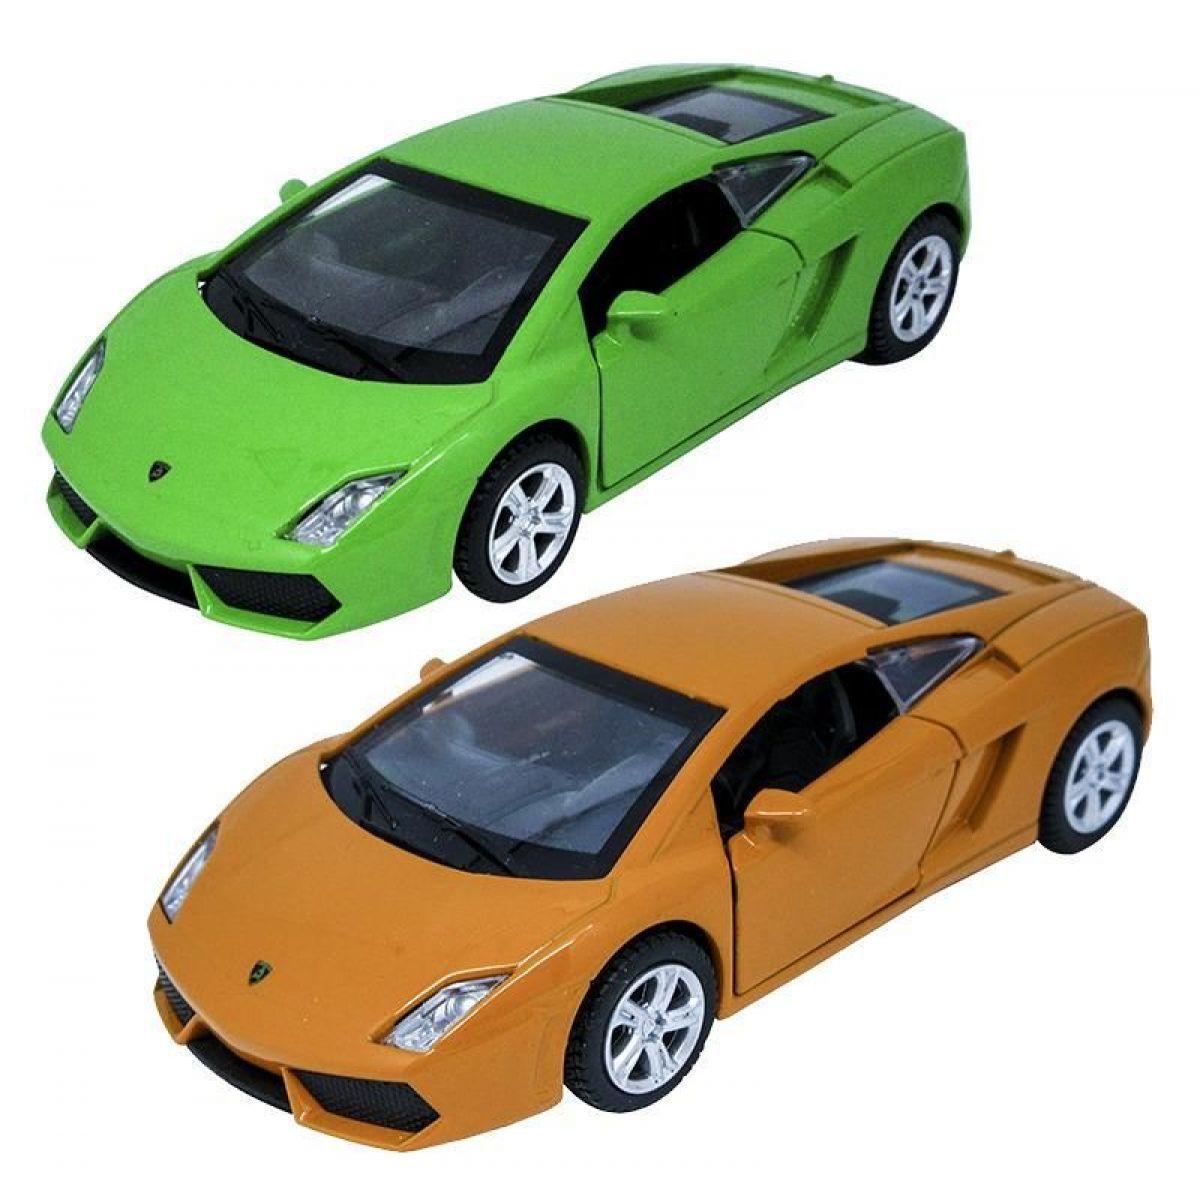 HM Studio Lamborghini Gallardo LP560-4 1:43